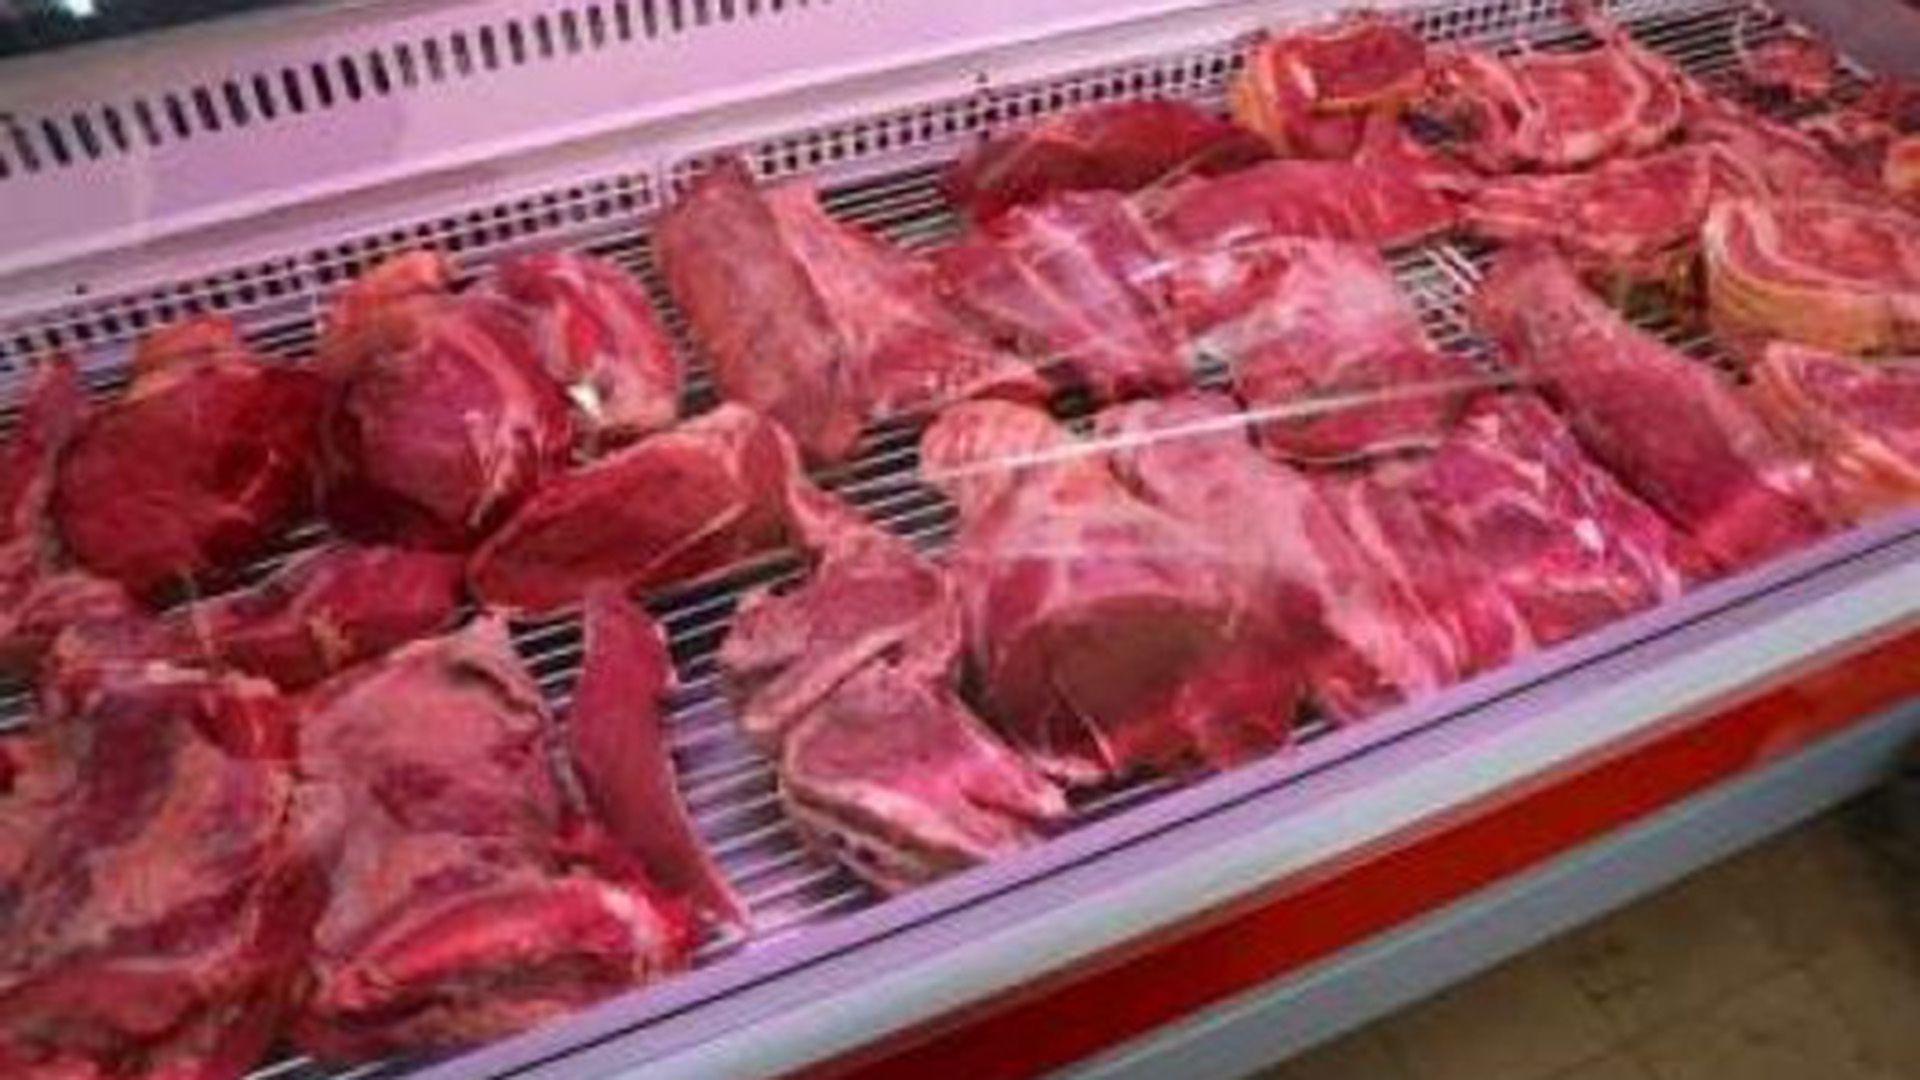 Mientras el consumo interno de carne vacuna sigue en baja, la Federación Agraria propone eliminar el IVA en su precio